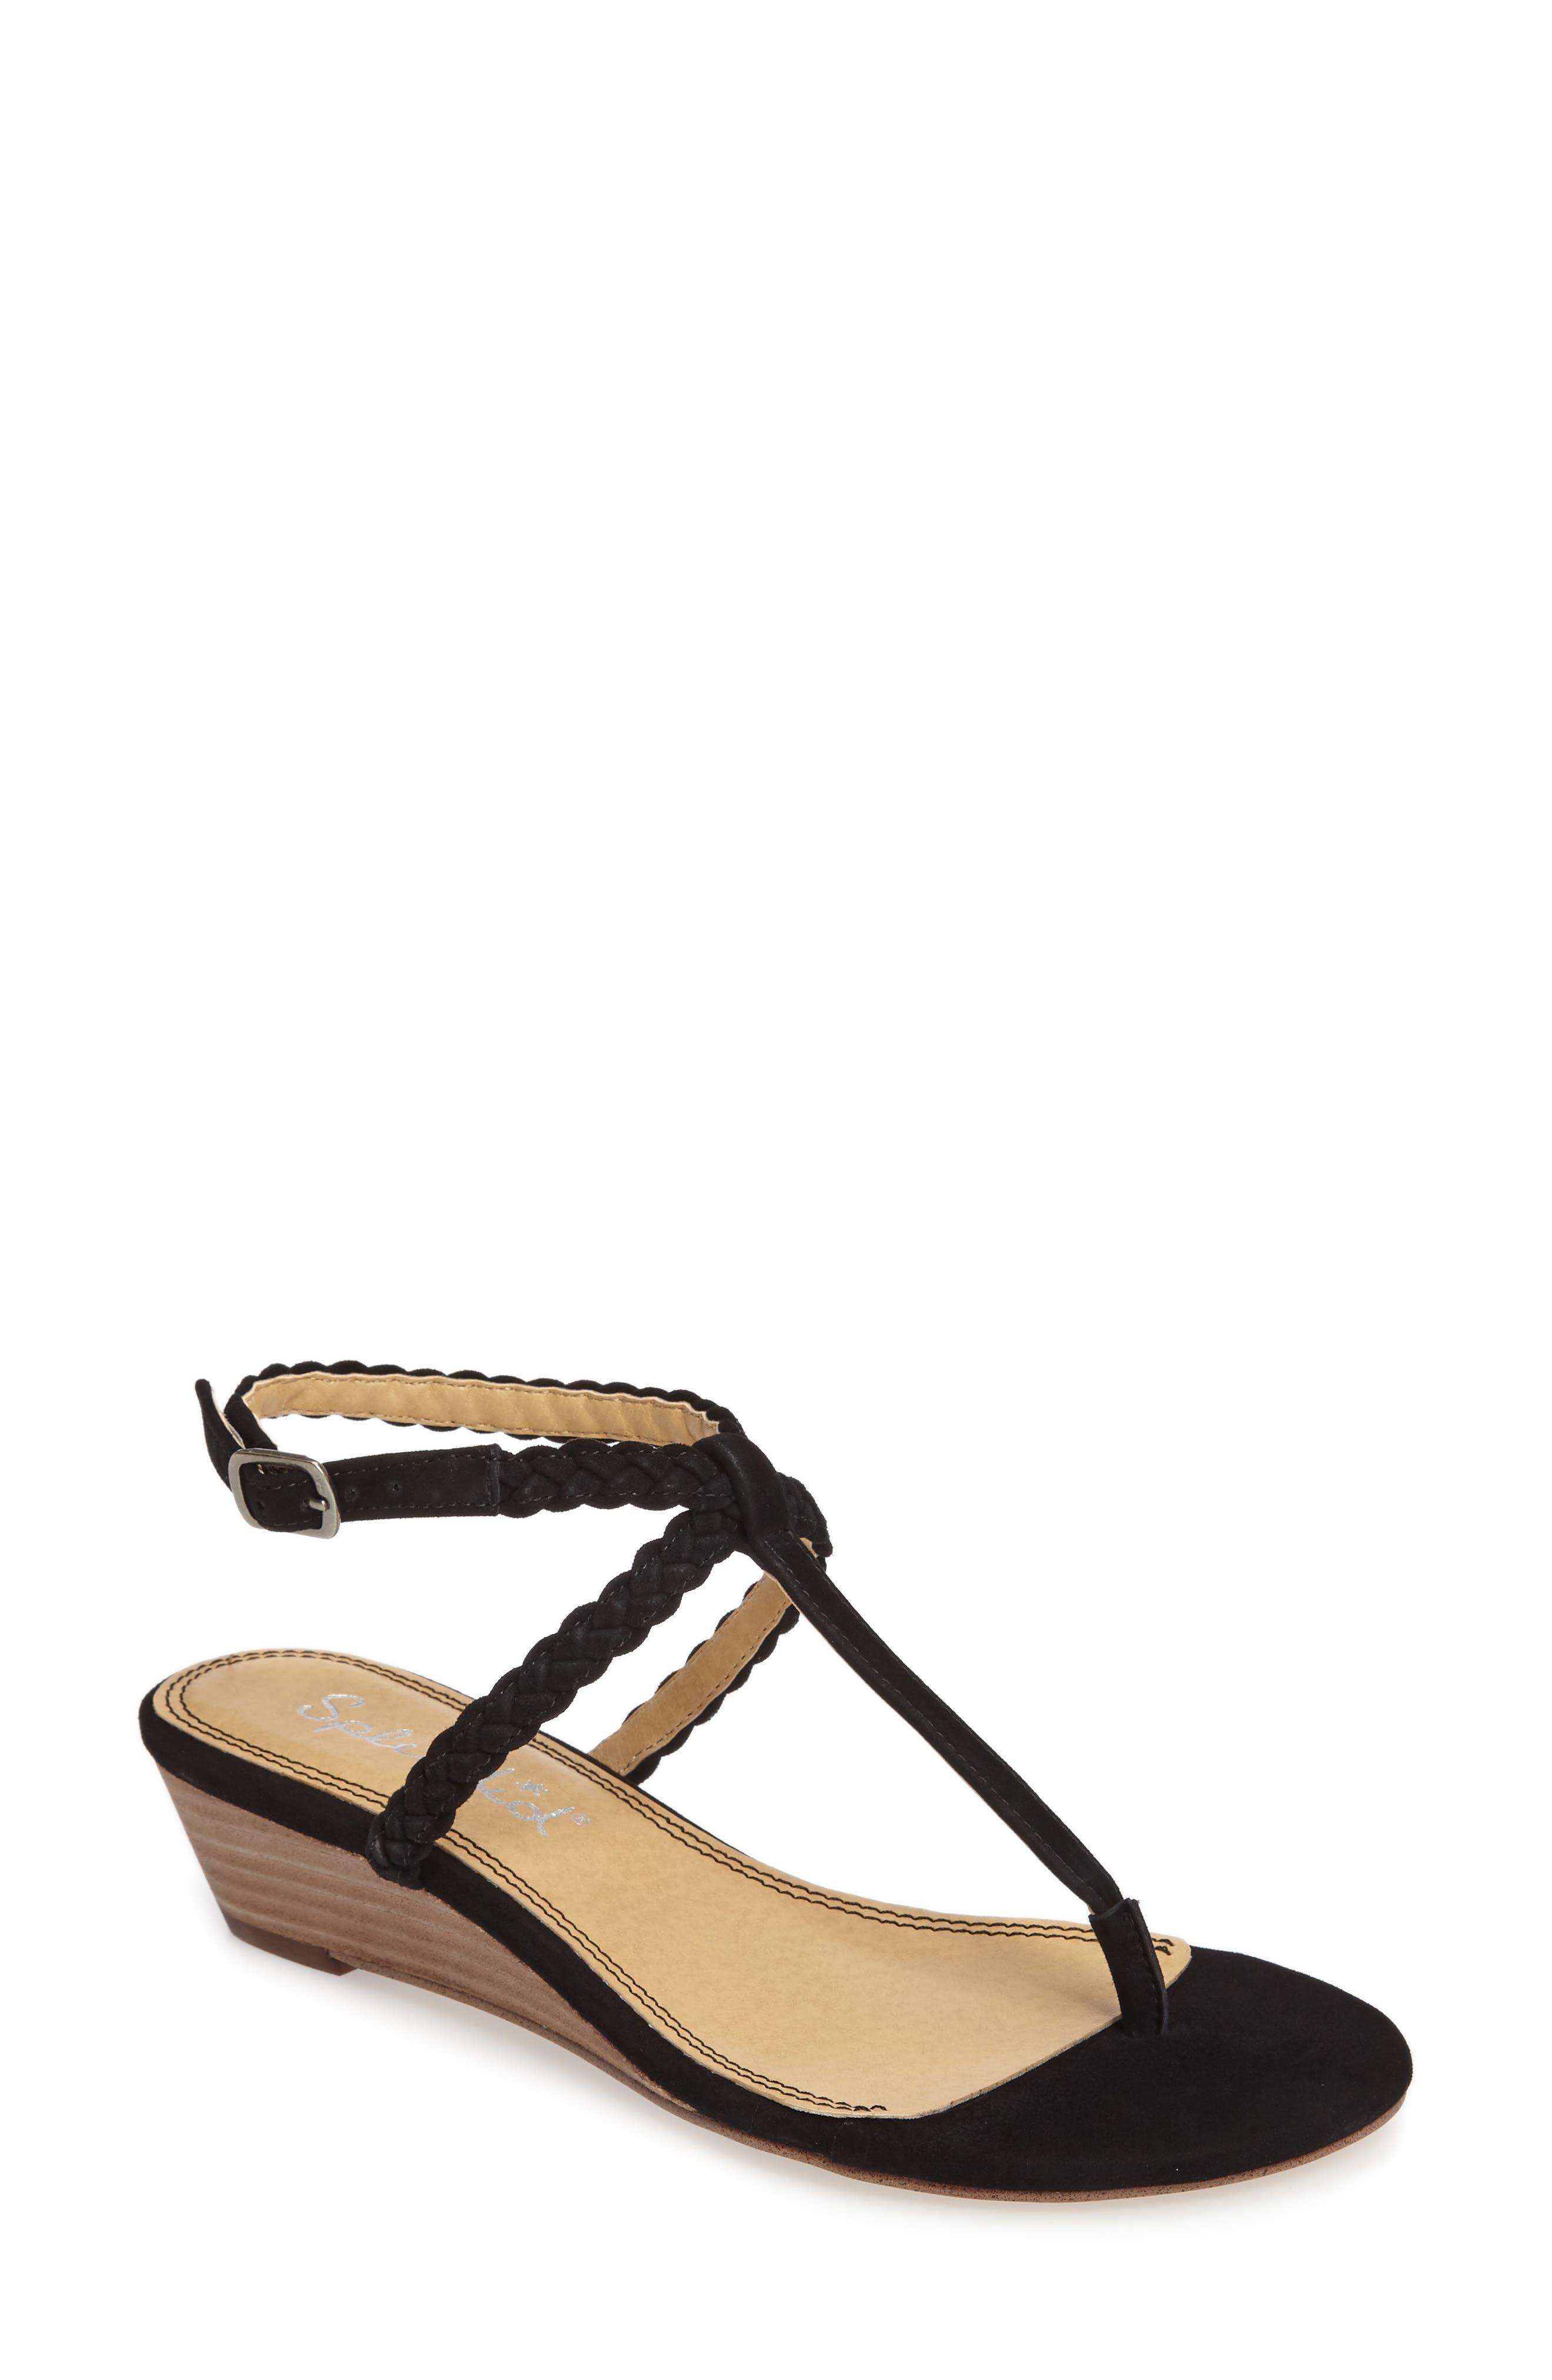 Alternate Image 1 Selected - Splendid Jadia T-Strap Sandal (Women)